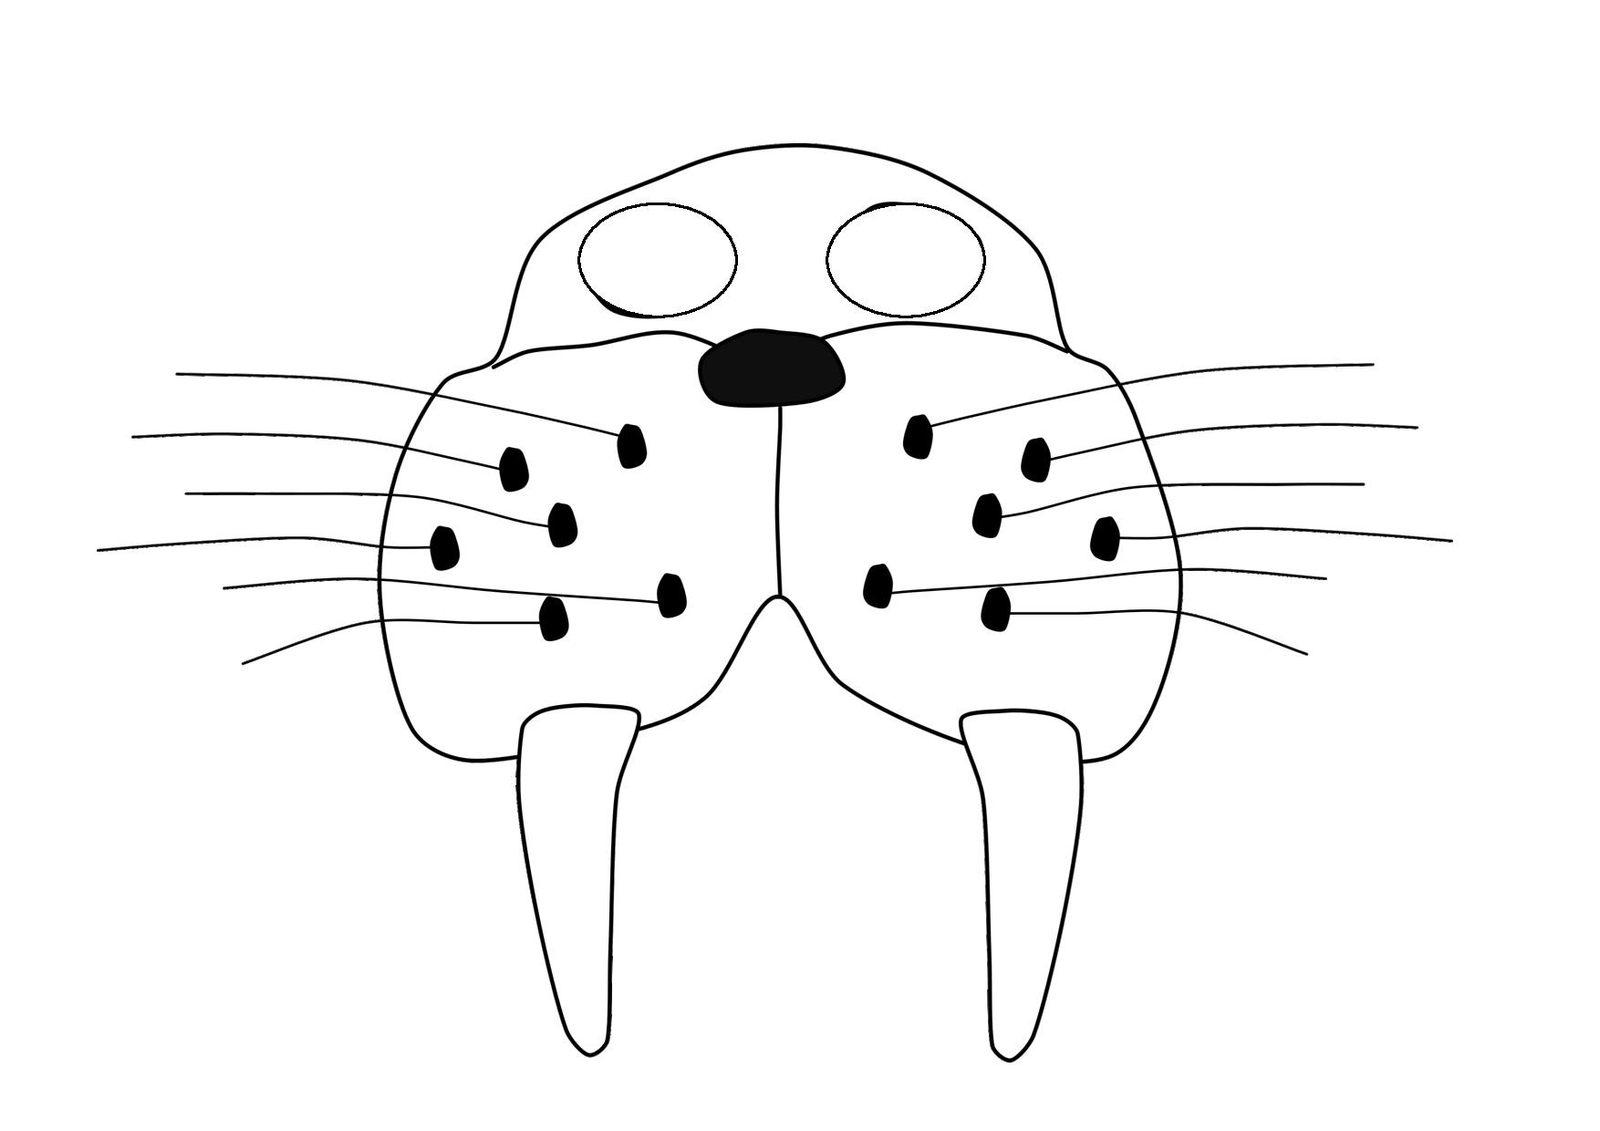 Маска Моржа из бумаги - шаблон для скачивания и распечатки